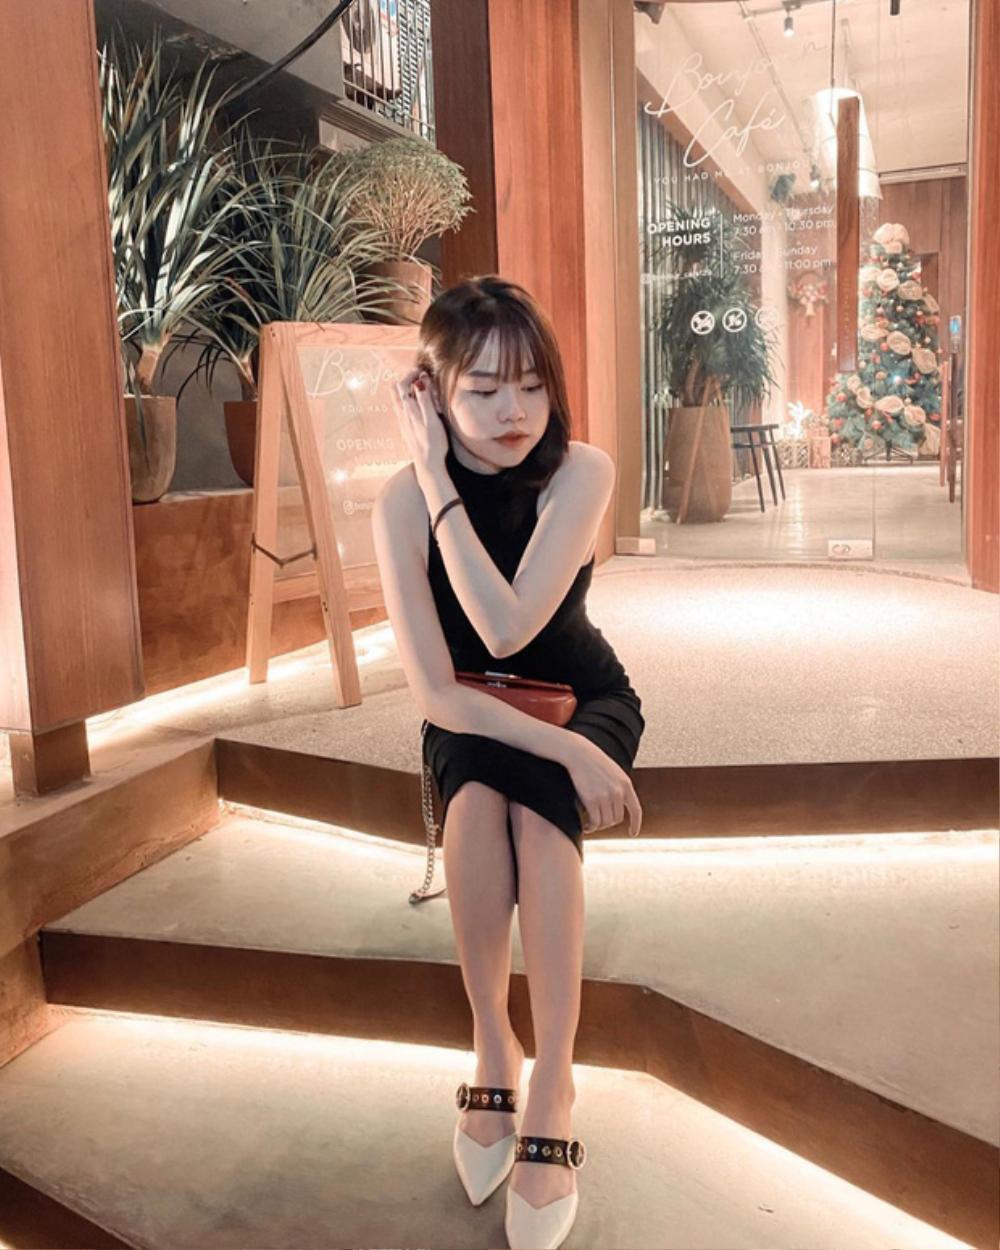 Huỳnh Anh bóng gió nhắc tới tình cũ Quang Hải trong ngày khép lại năm cũ 2020 Ảnh 1